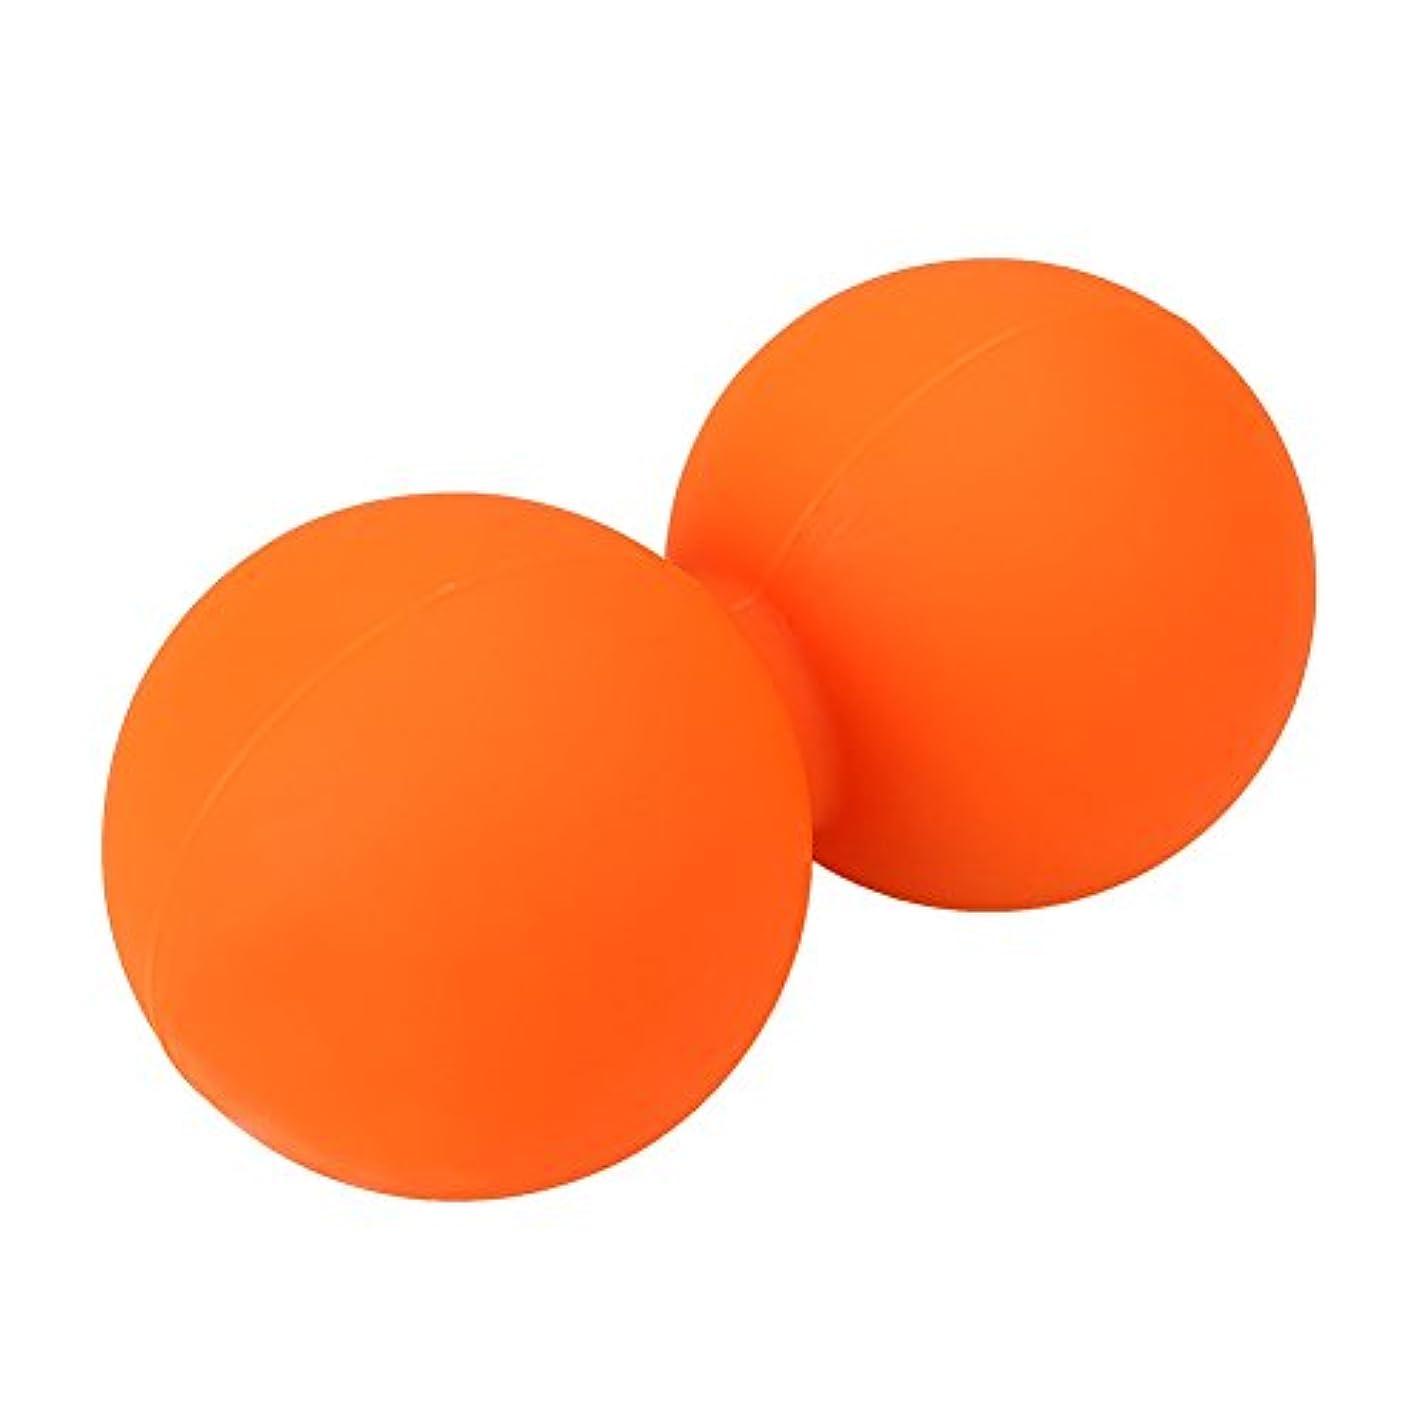 権限思い出はさみwlgreatsp ダブルラクロスMyofascialトリガーポイントリリースマッサージクロスボールエクササイズ